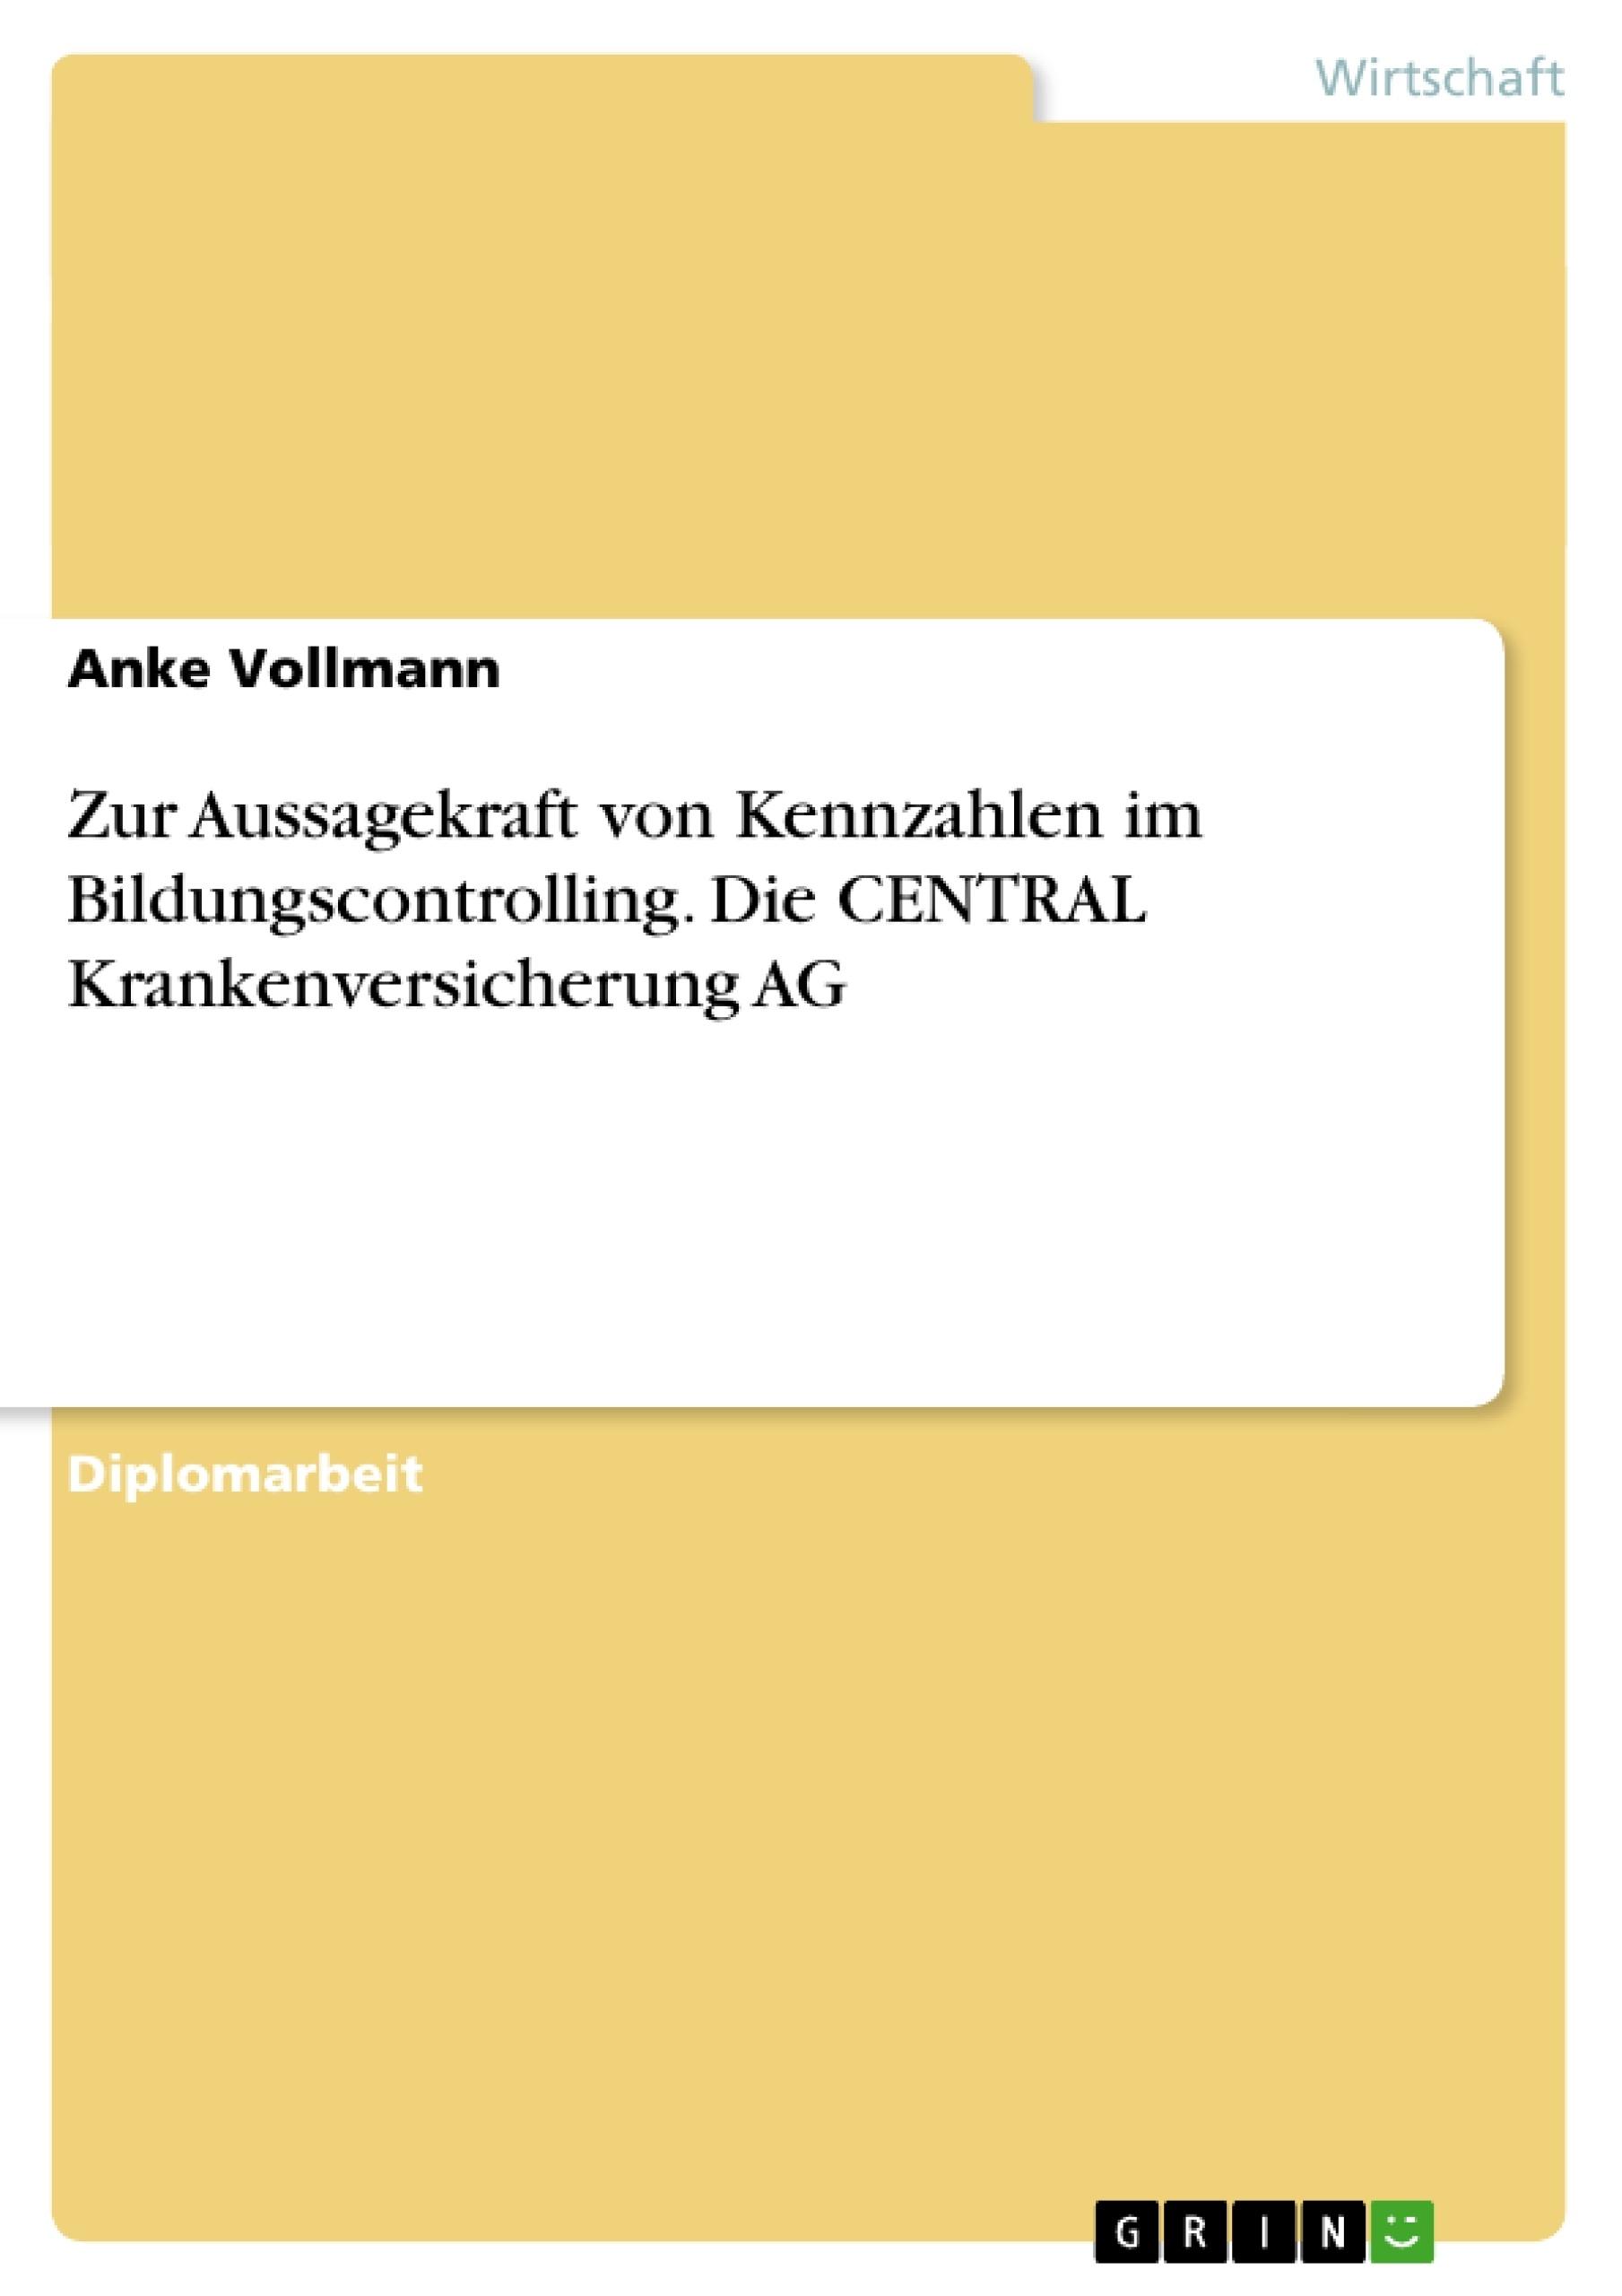 Titel: Zur Aussagekraft von Kennzahlen im Bildungscontrolling. Die CENTRAL Krankenversicherung AG